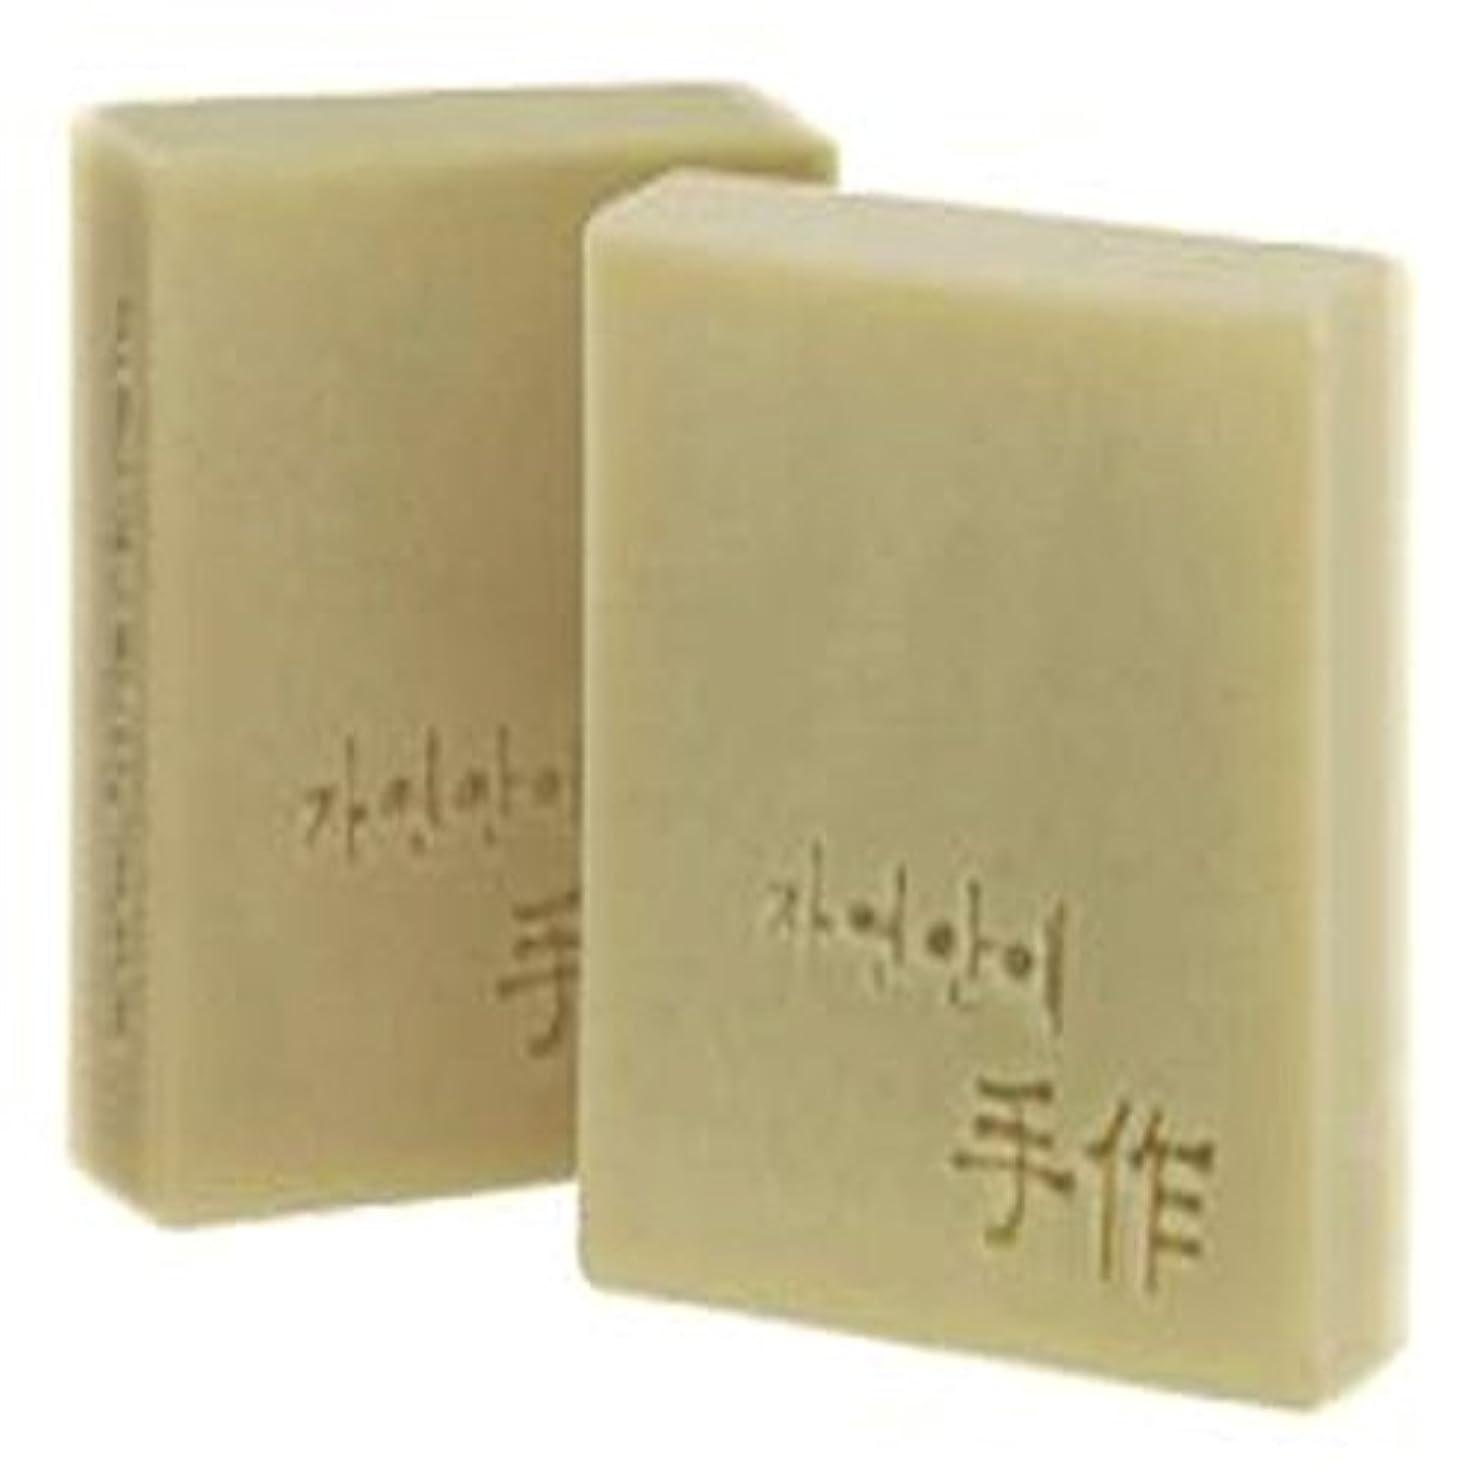 明確なストラップまでNatural organic 有機天然ソープ 固形 無添加 洗顔せっけん [並行輸入品] (晋州)